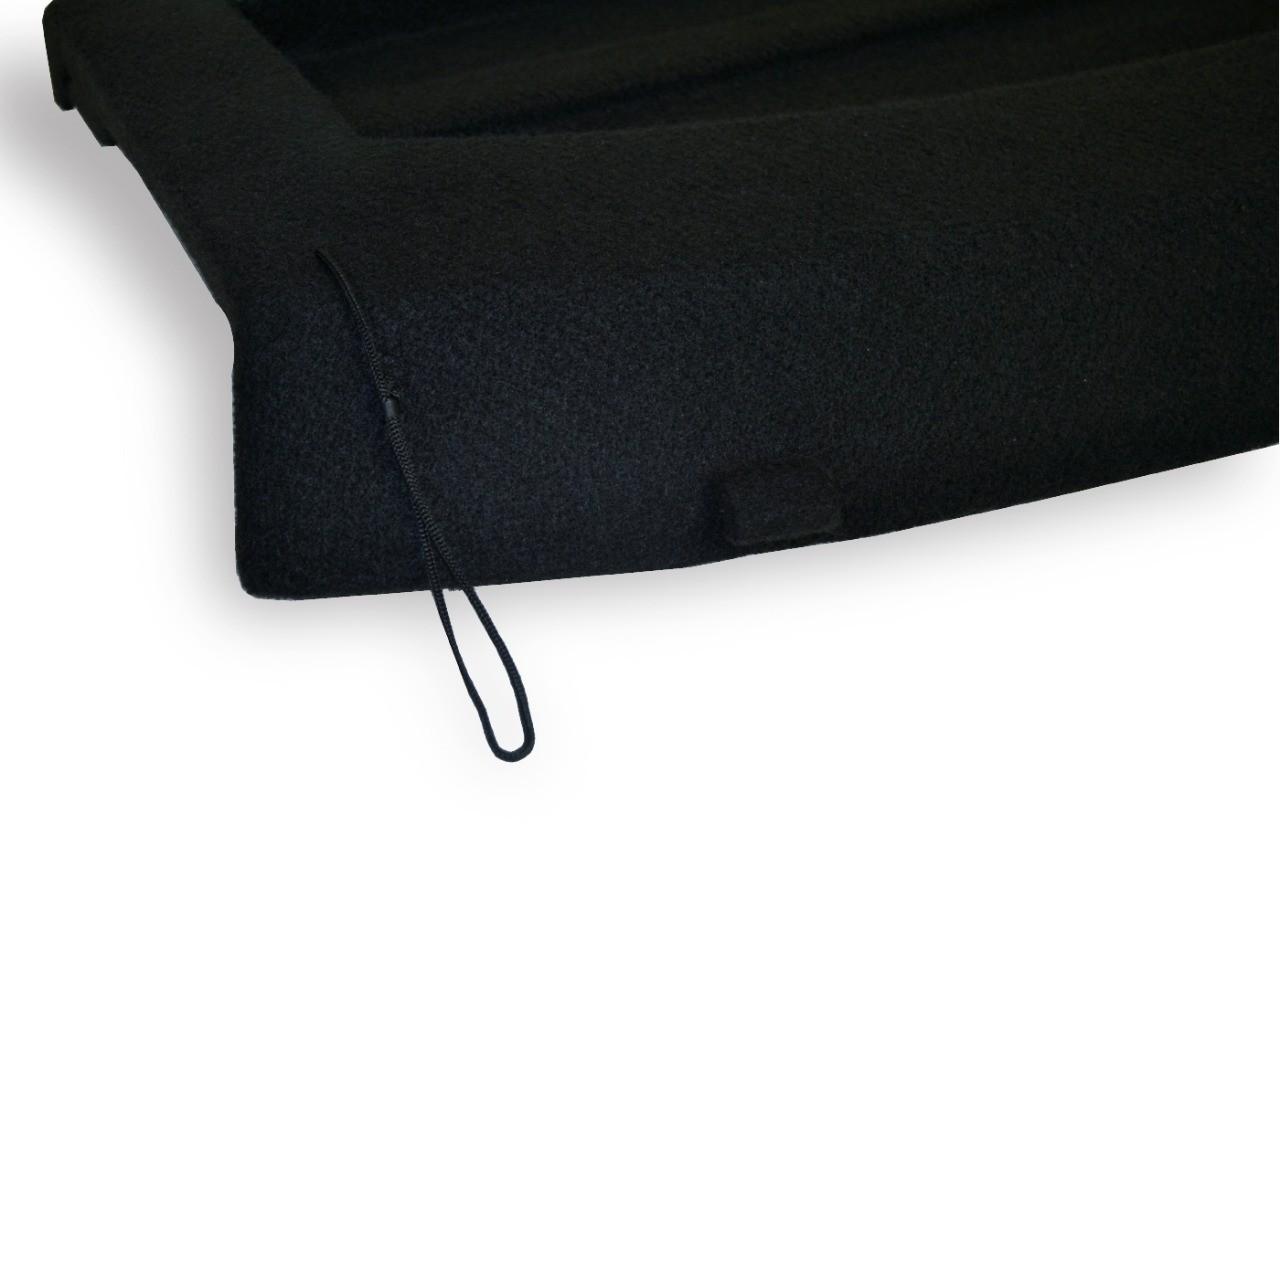 Tampão de Porta-Malas Tracker em Plástico PEAD com Carpete Preto